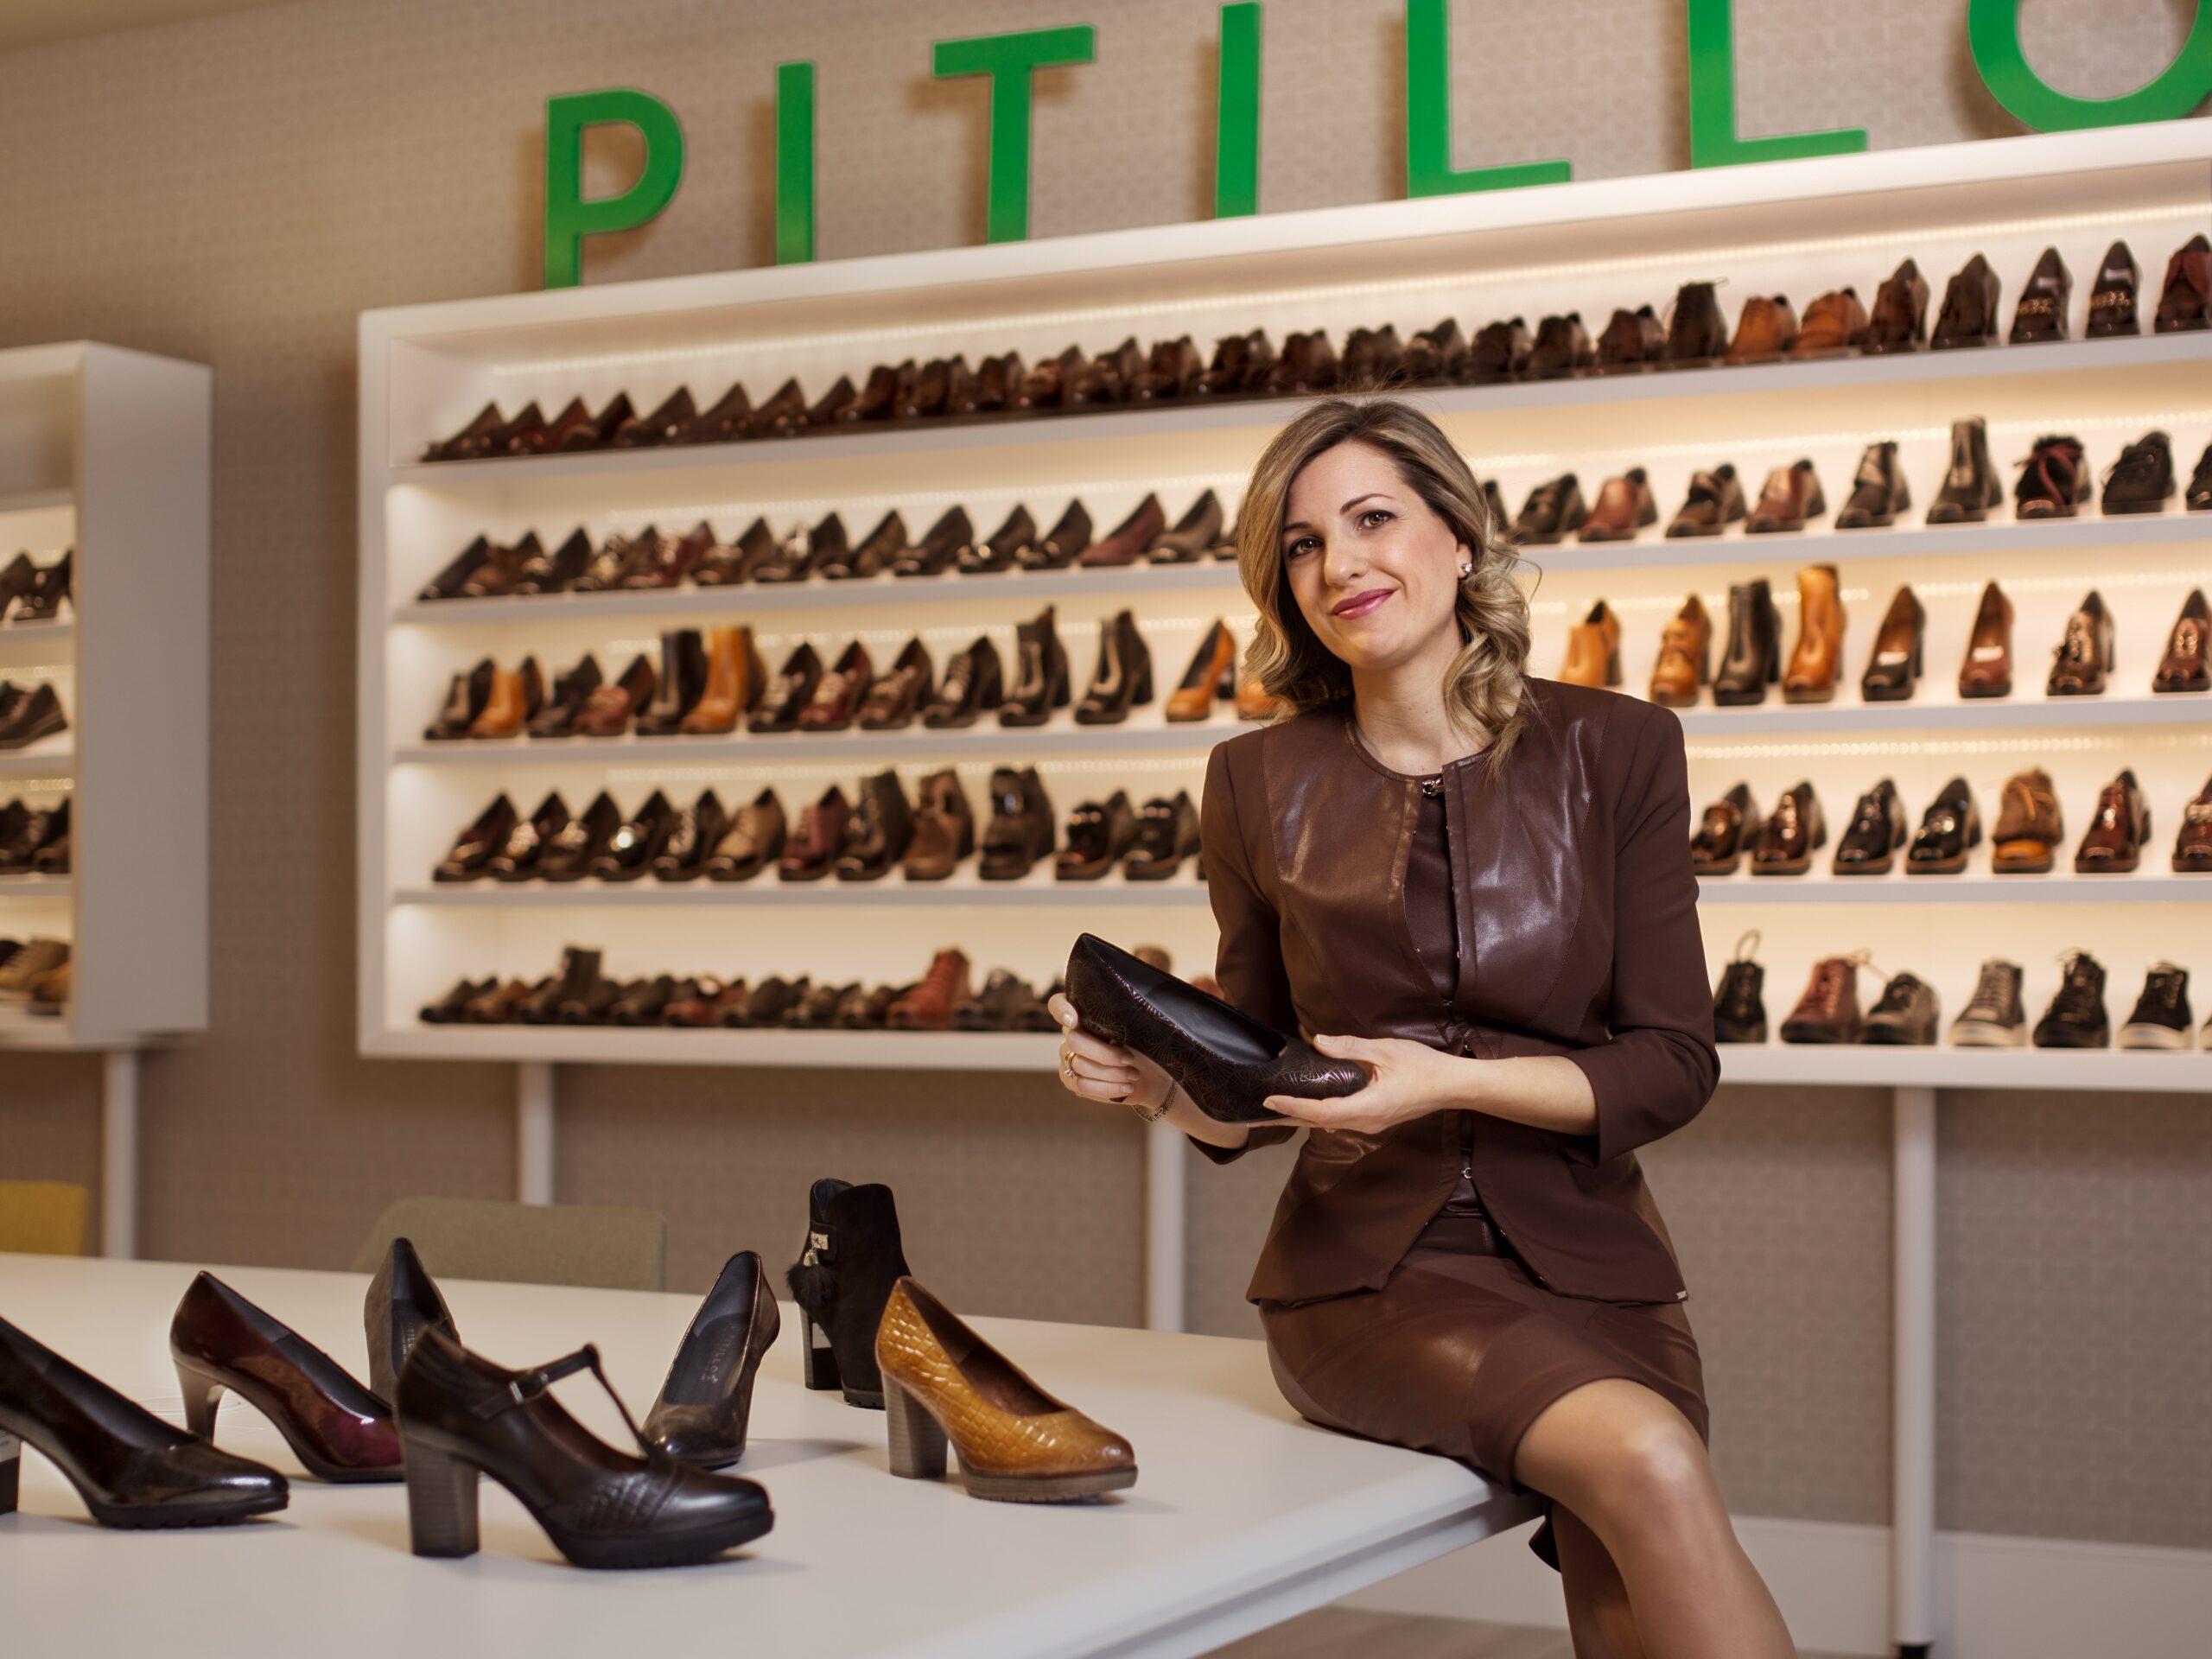 Entrevista Silvia Hernández, directora general del Grupo Pitillos: «No le damos a los pies la importancia que realmente tienen»